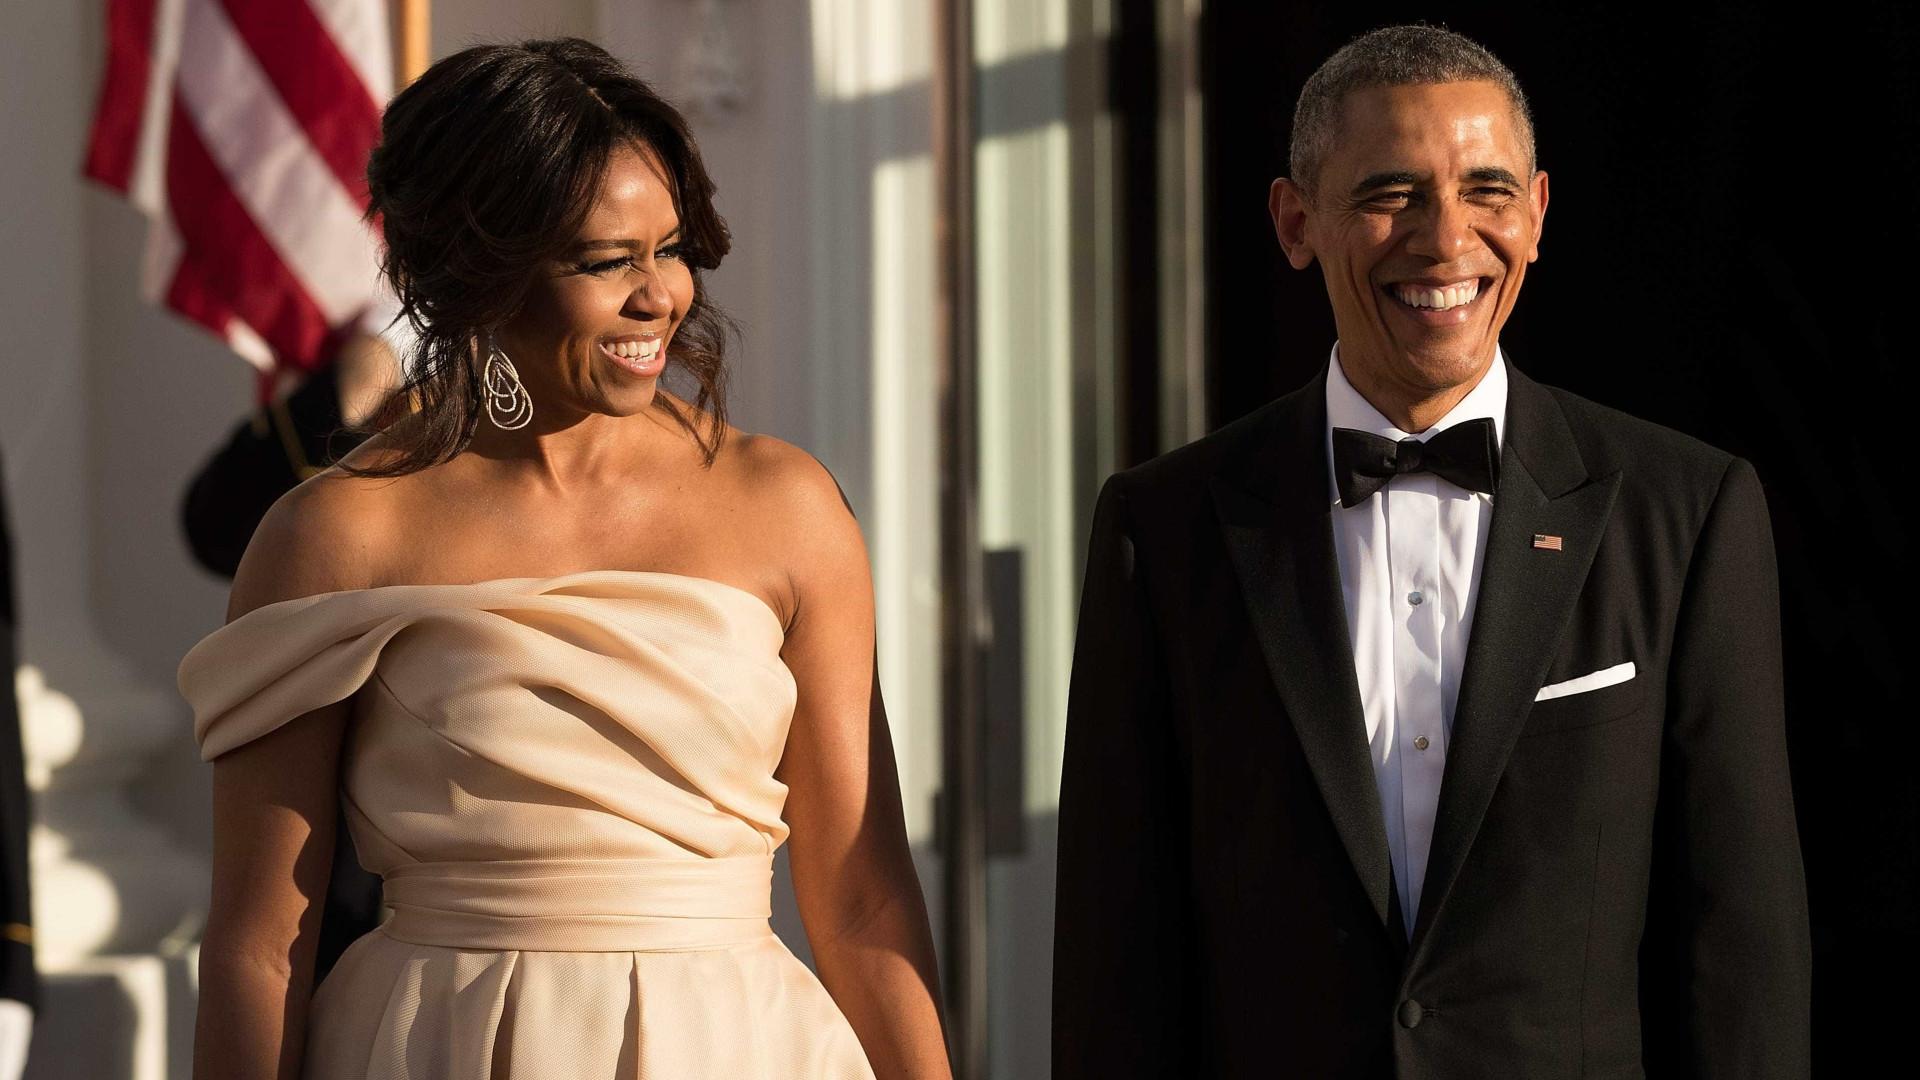 Barack Obama derrete-se com mensagem carinhosa da mulher